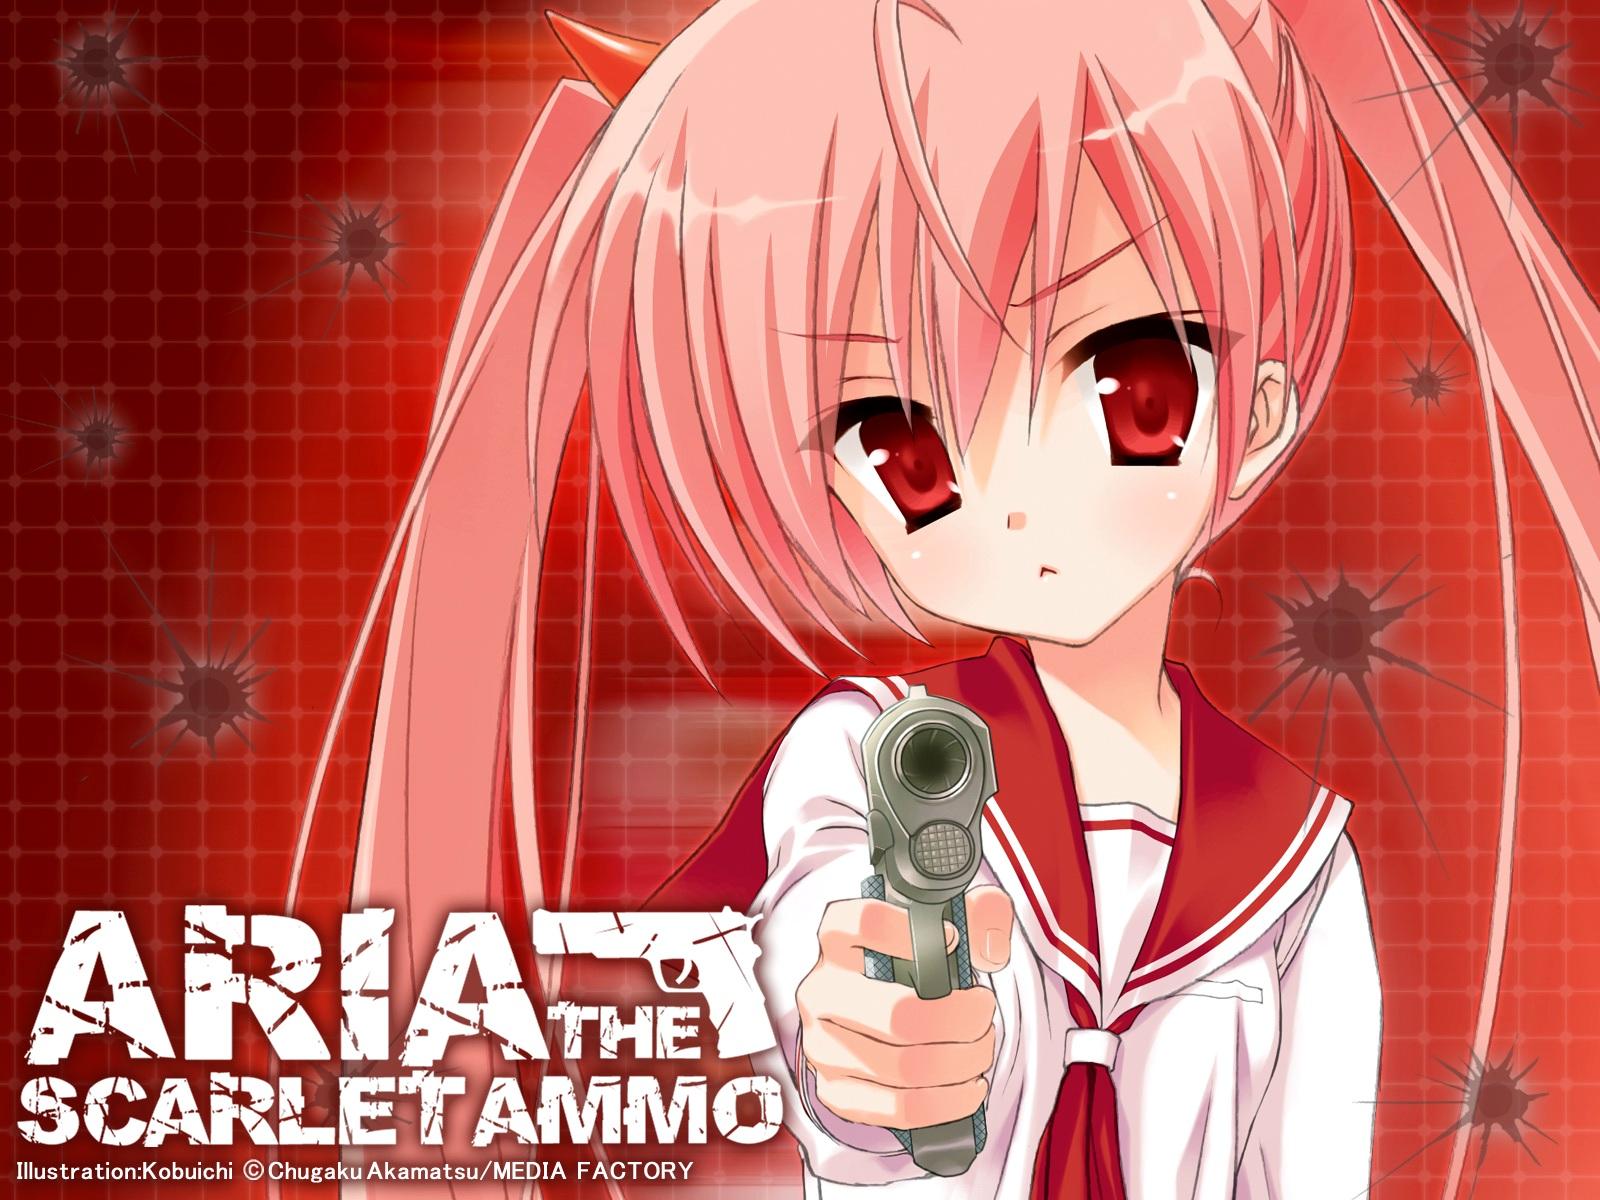 http://3.bp.blogspot.com/-7cufy4TjhR8/TZ6MPrgmFDI/AAAAAAAAAIU/M7pktgl5cw0/s1600/Aria_The_Scarlet_Ammo_02.jpg